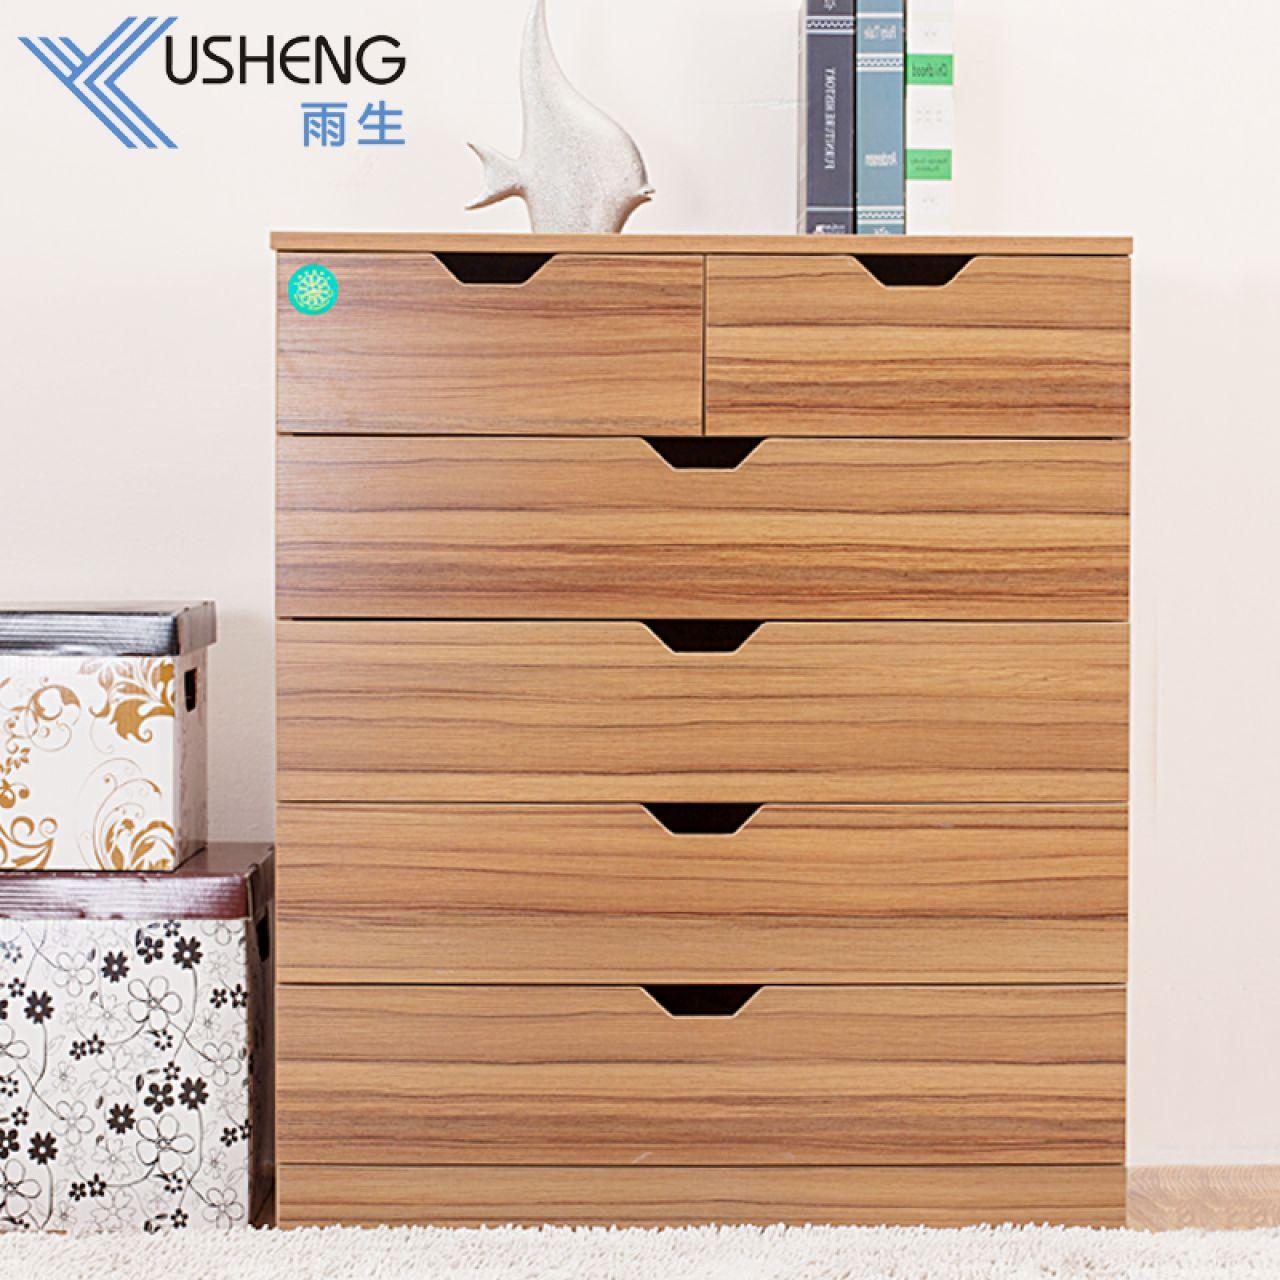 雨生家具五斗柜储藏柜简约现代五斗橱卧室收纳柜木质抽屉柜五屉柜 深柚木色